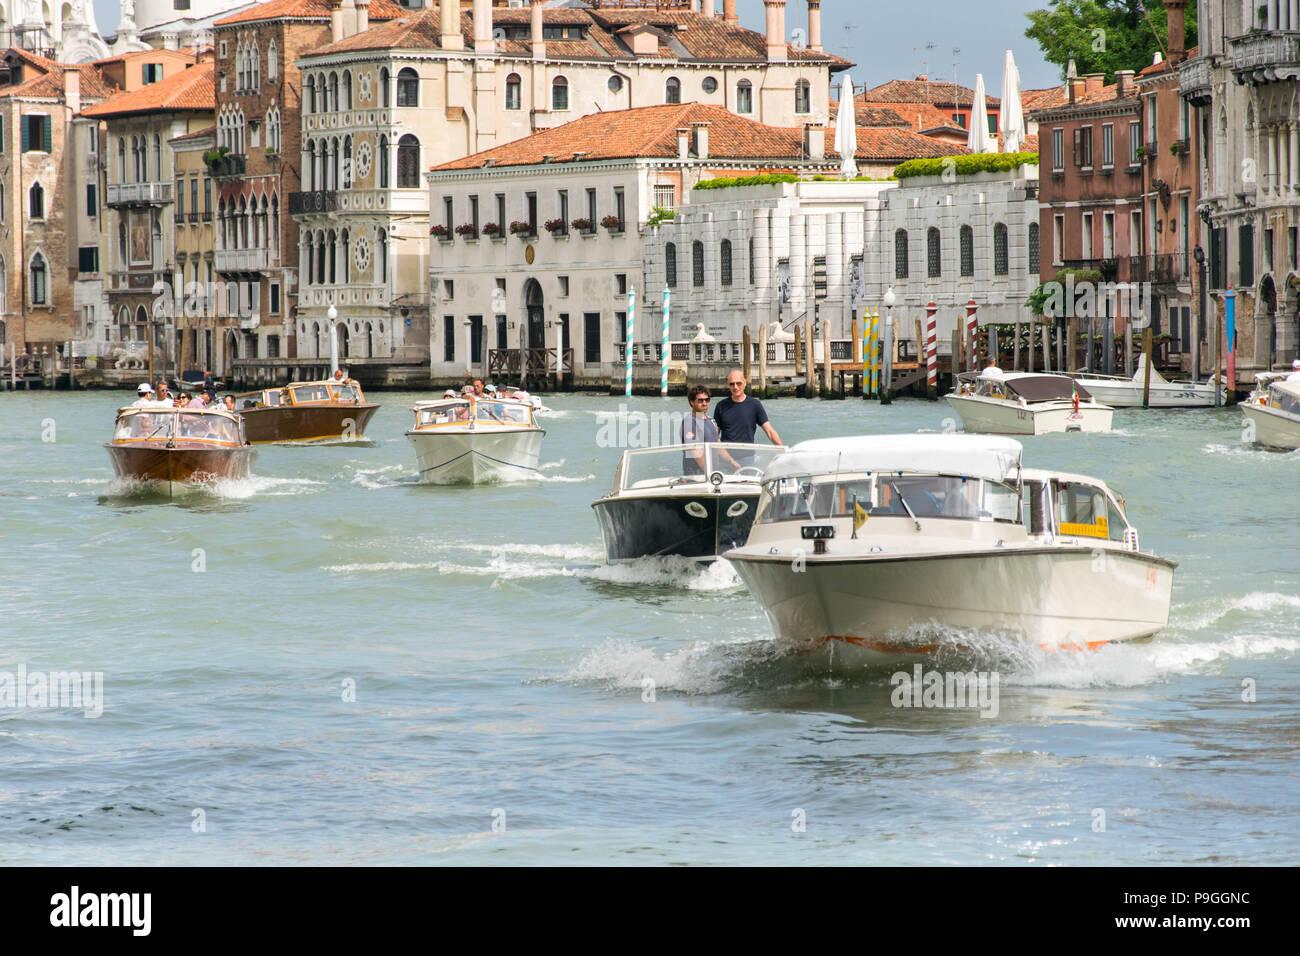 Europe, Italy, Veneto, Venice. Few motorboats swimming on Canale Grande (Grand Canal) in Venice near Ponte dell'Accademia, heading Ponte di Rialto. - Stock Image